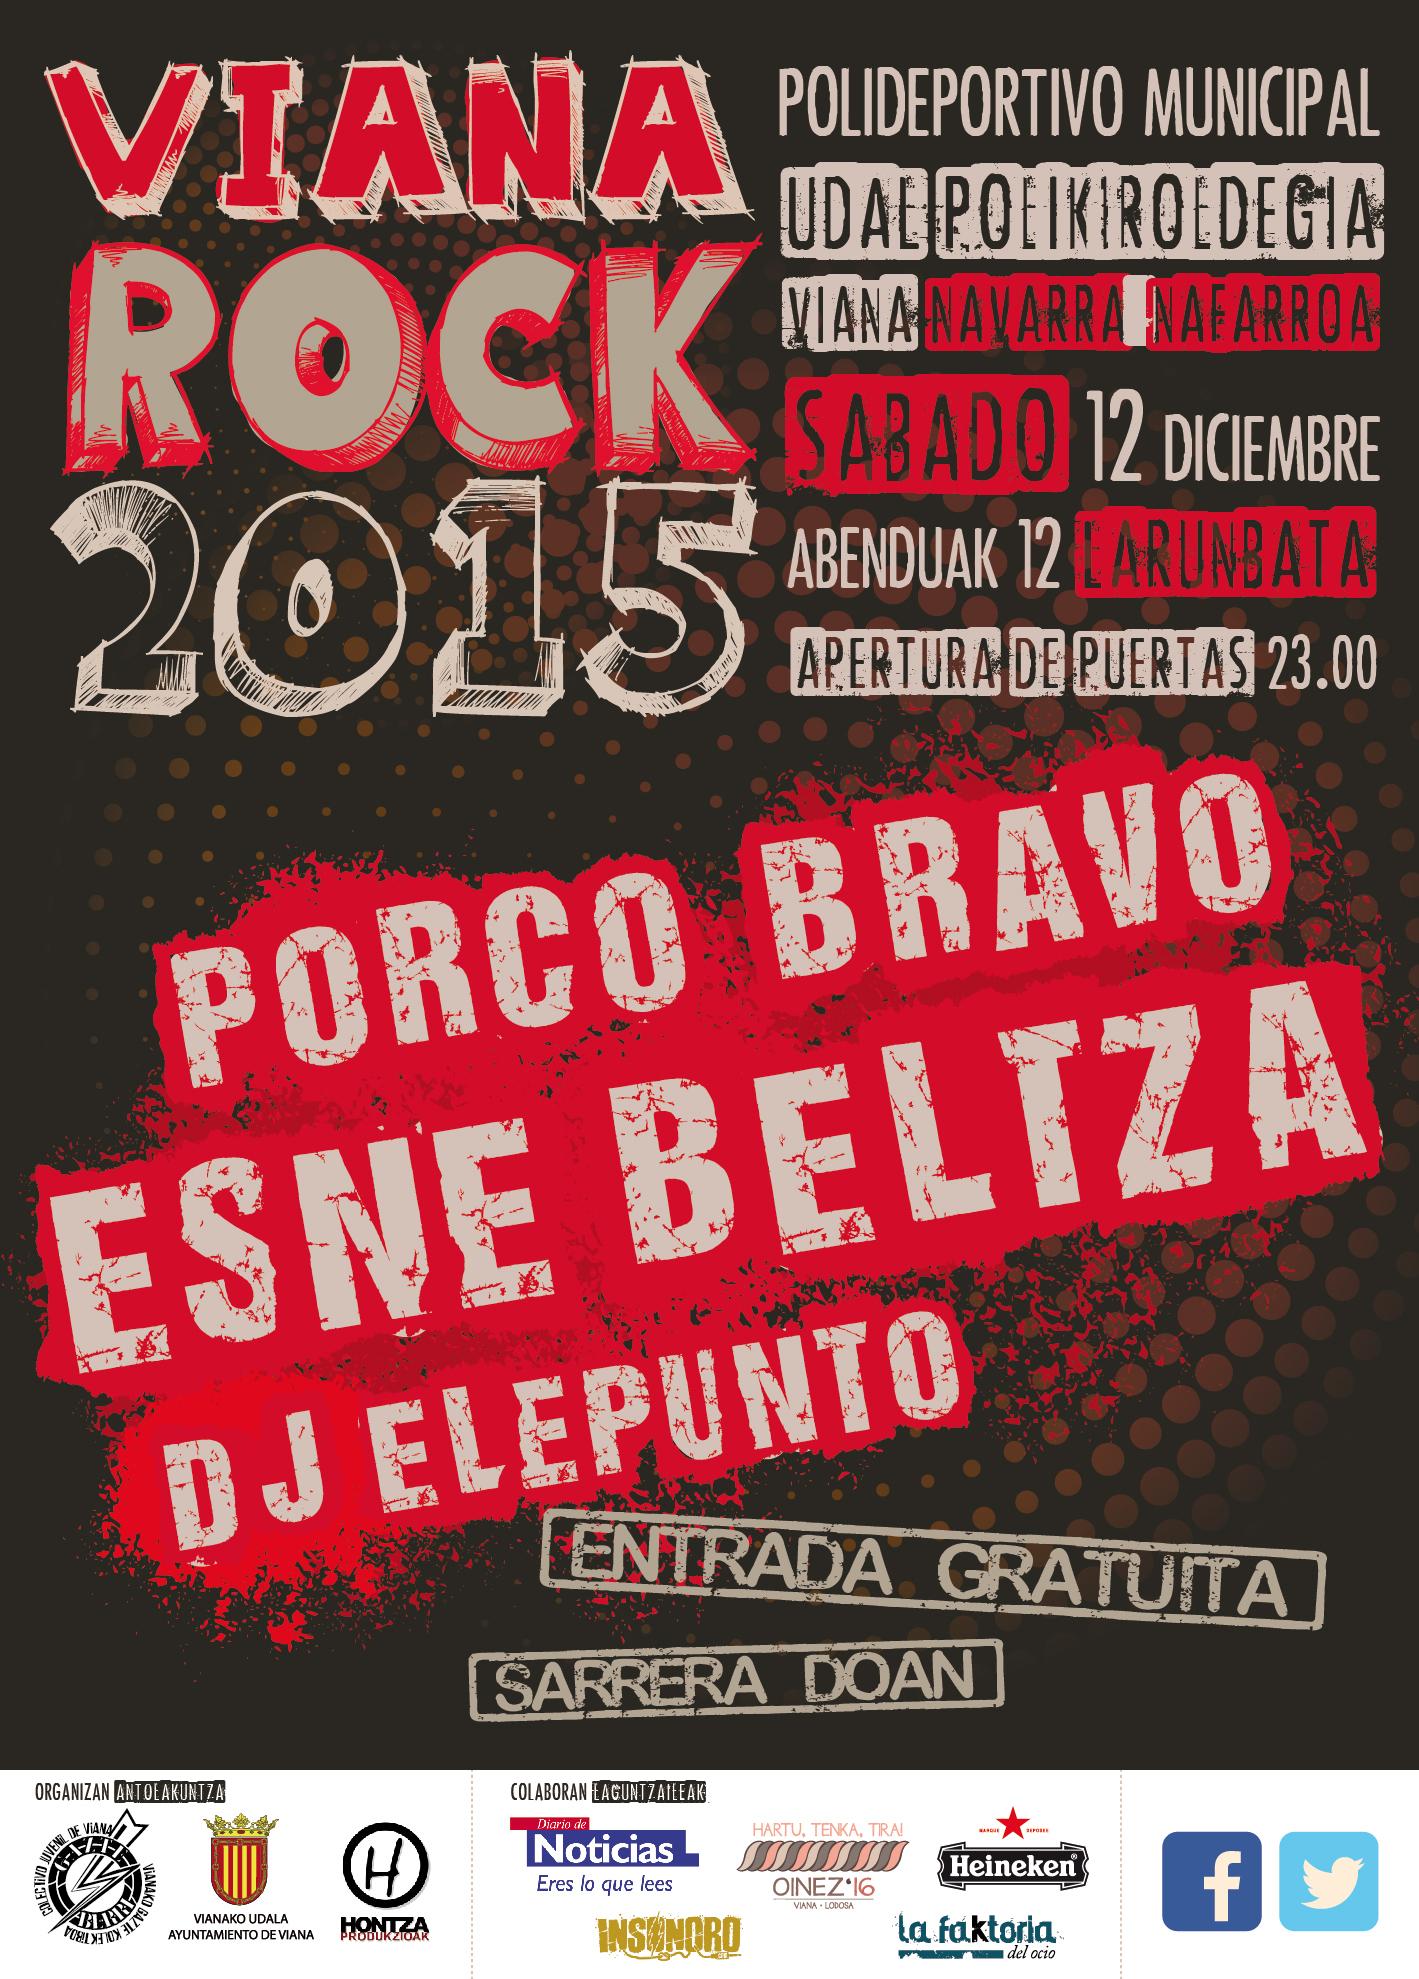 Viana Rock 2015